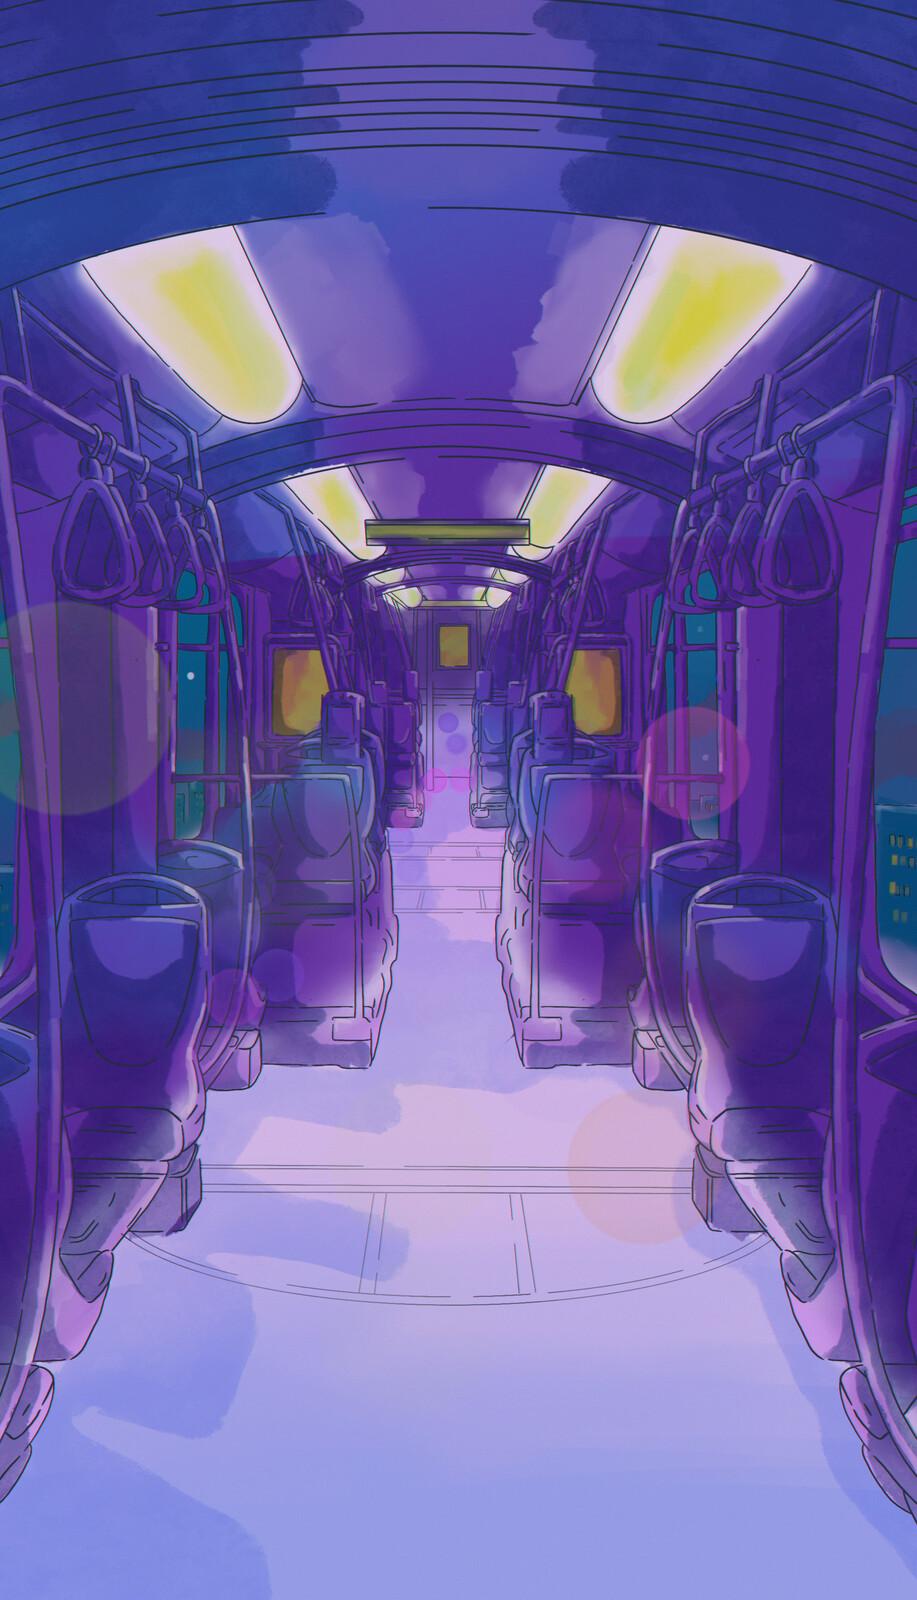 Concept Art - Train